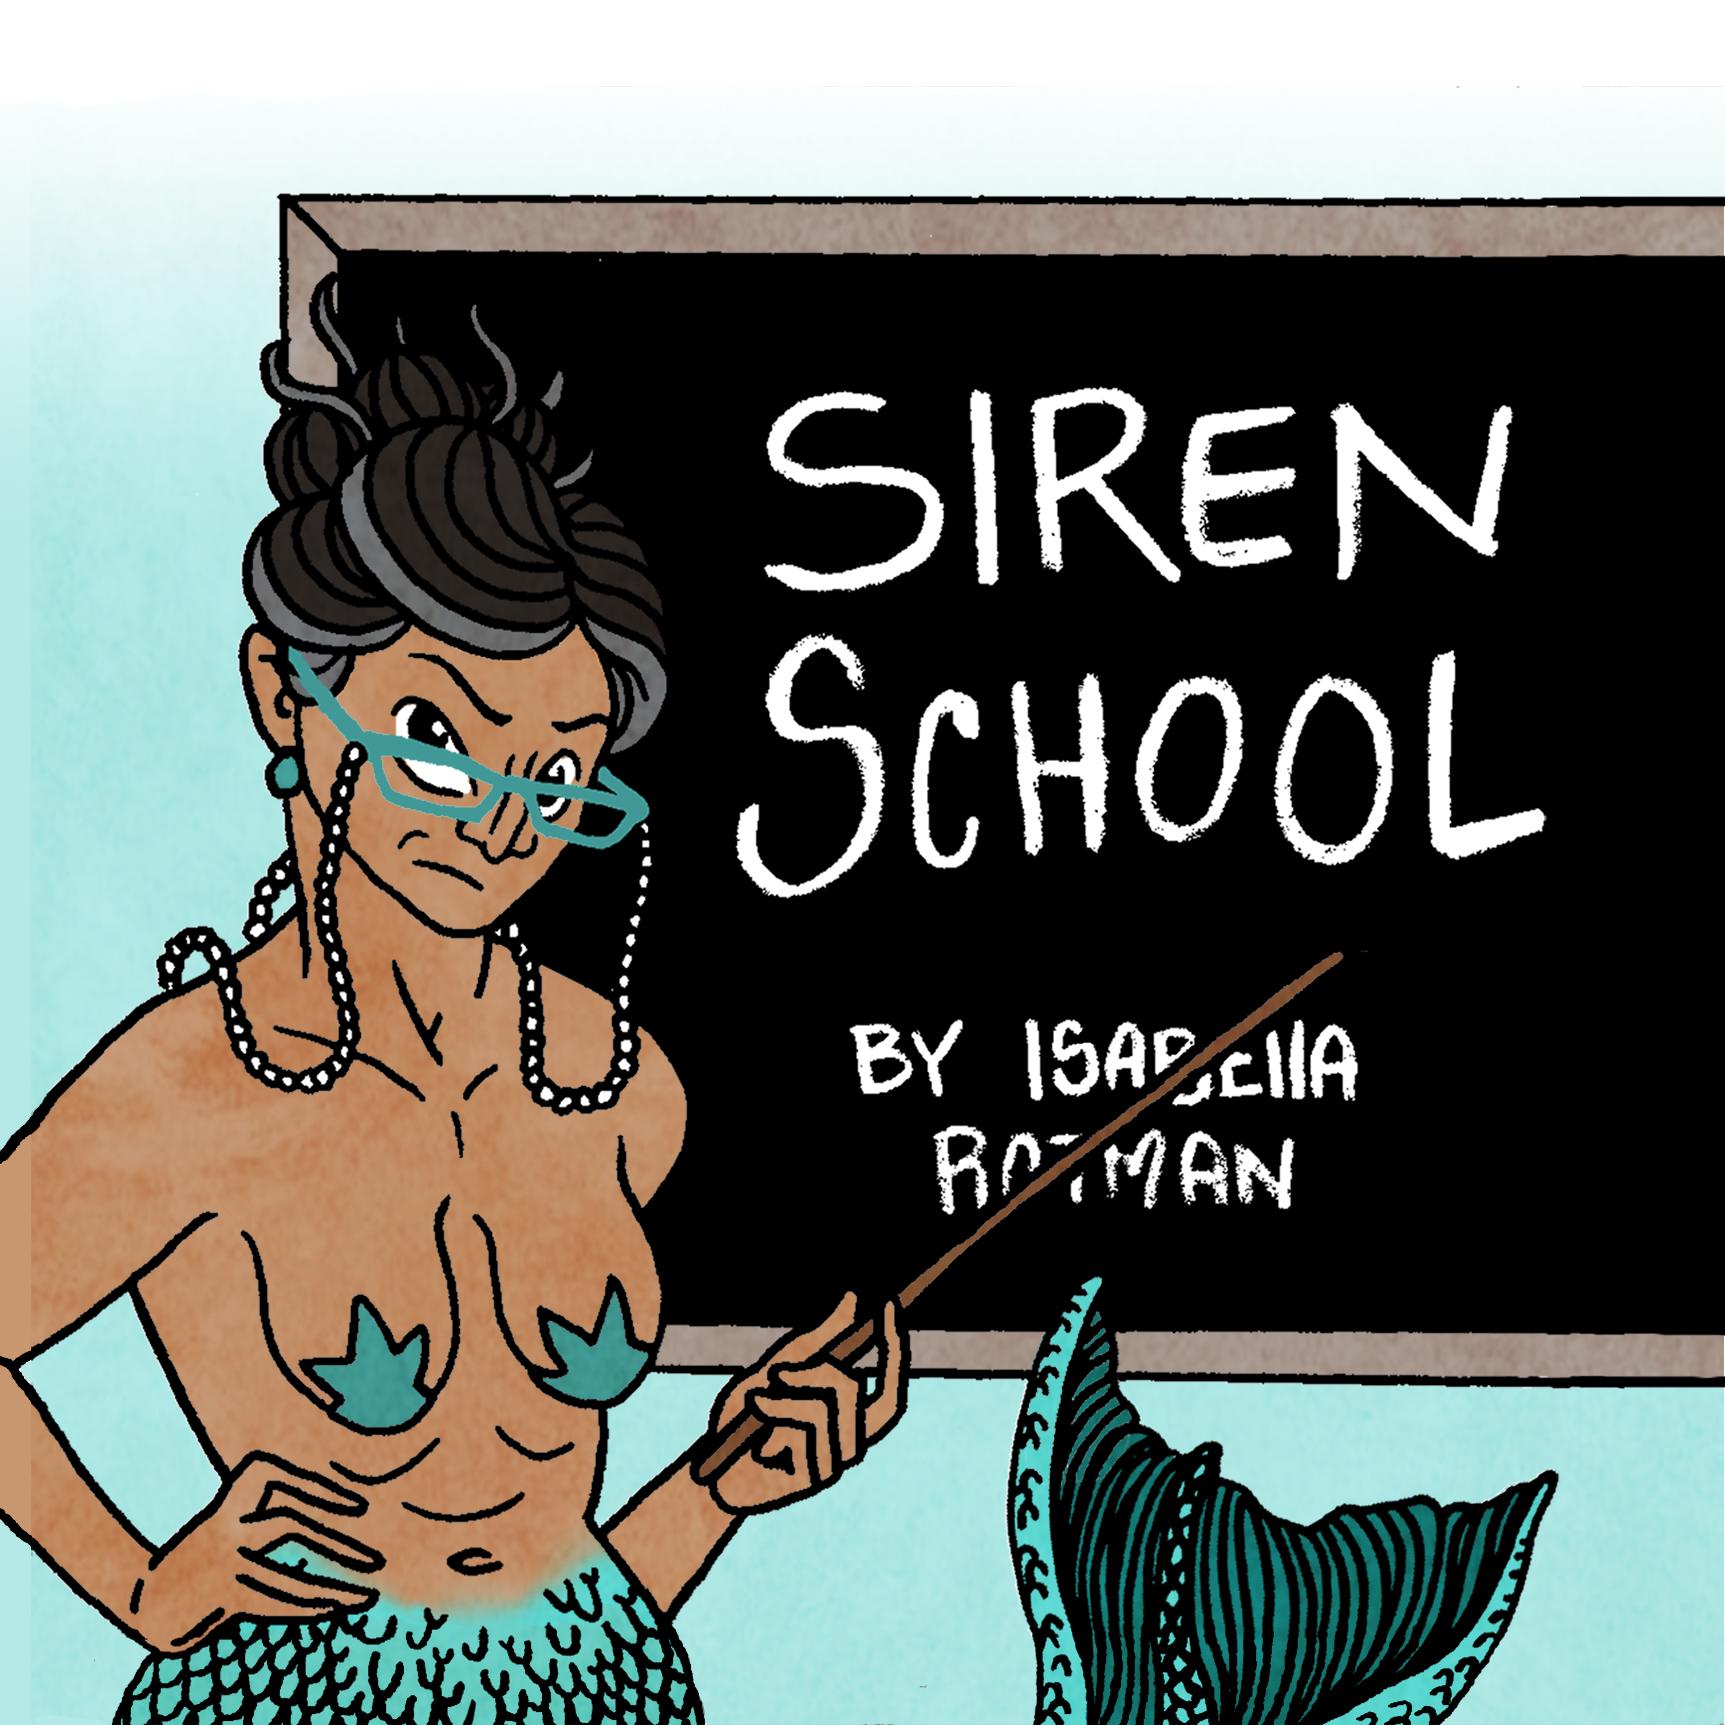 SirenSchoolFrontCoverColoR_BLEED.jpg